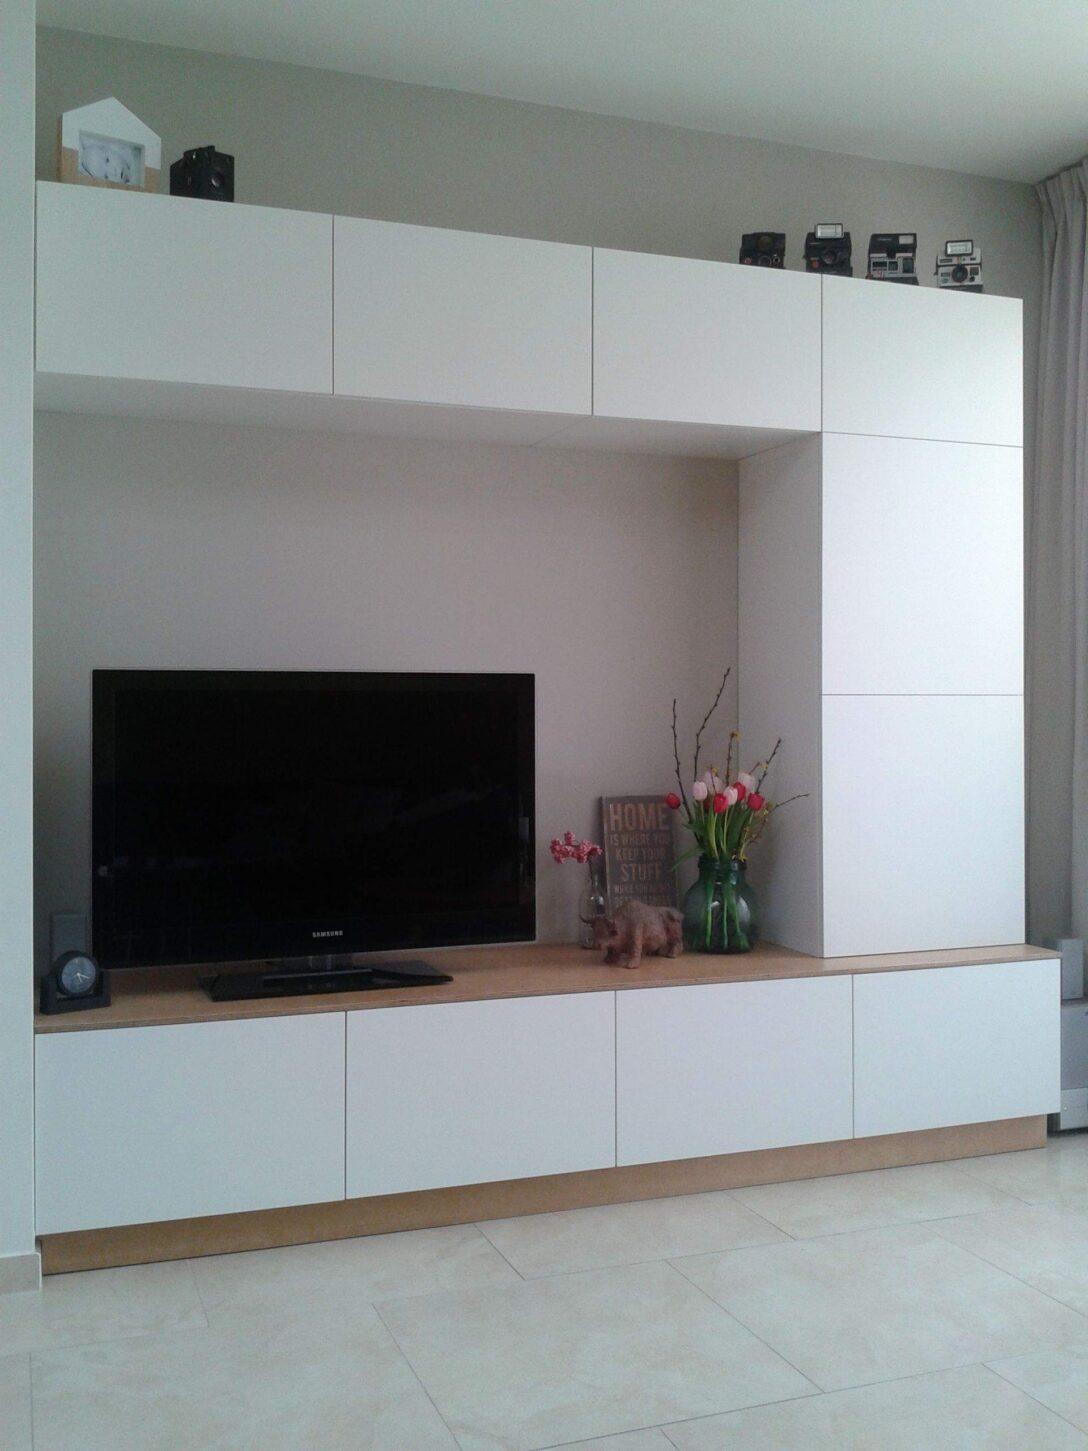 Large Size of Wohnwand Ikea Besta Wohnzimmer Luxus Hervorragend Küche Kaufen Miniküche Betten Bei 160x200 Kosten Sofa Mit Schlaffunktion Modulküche Wohnzimmer Wohnwand Ikea